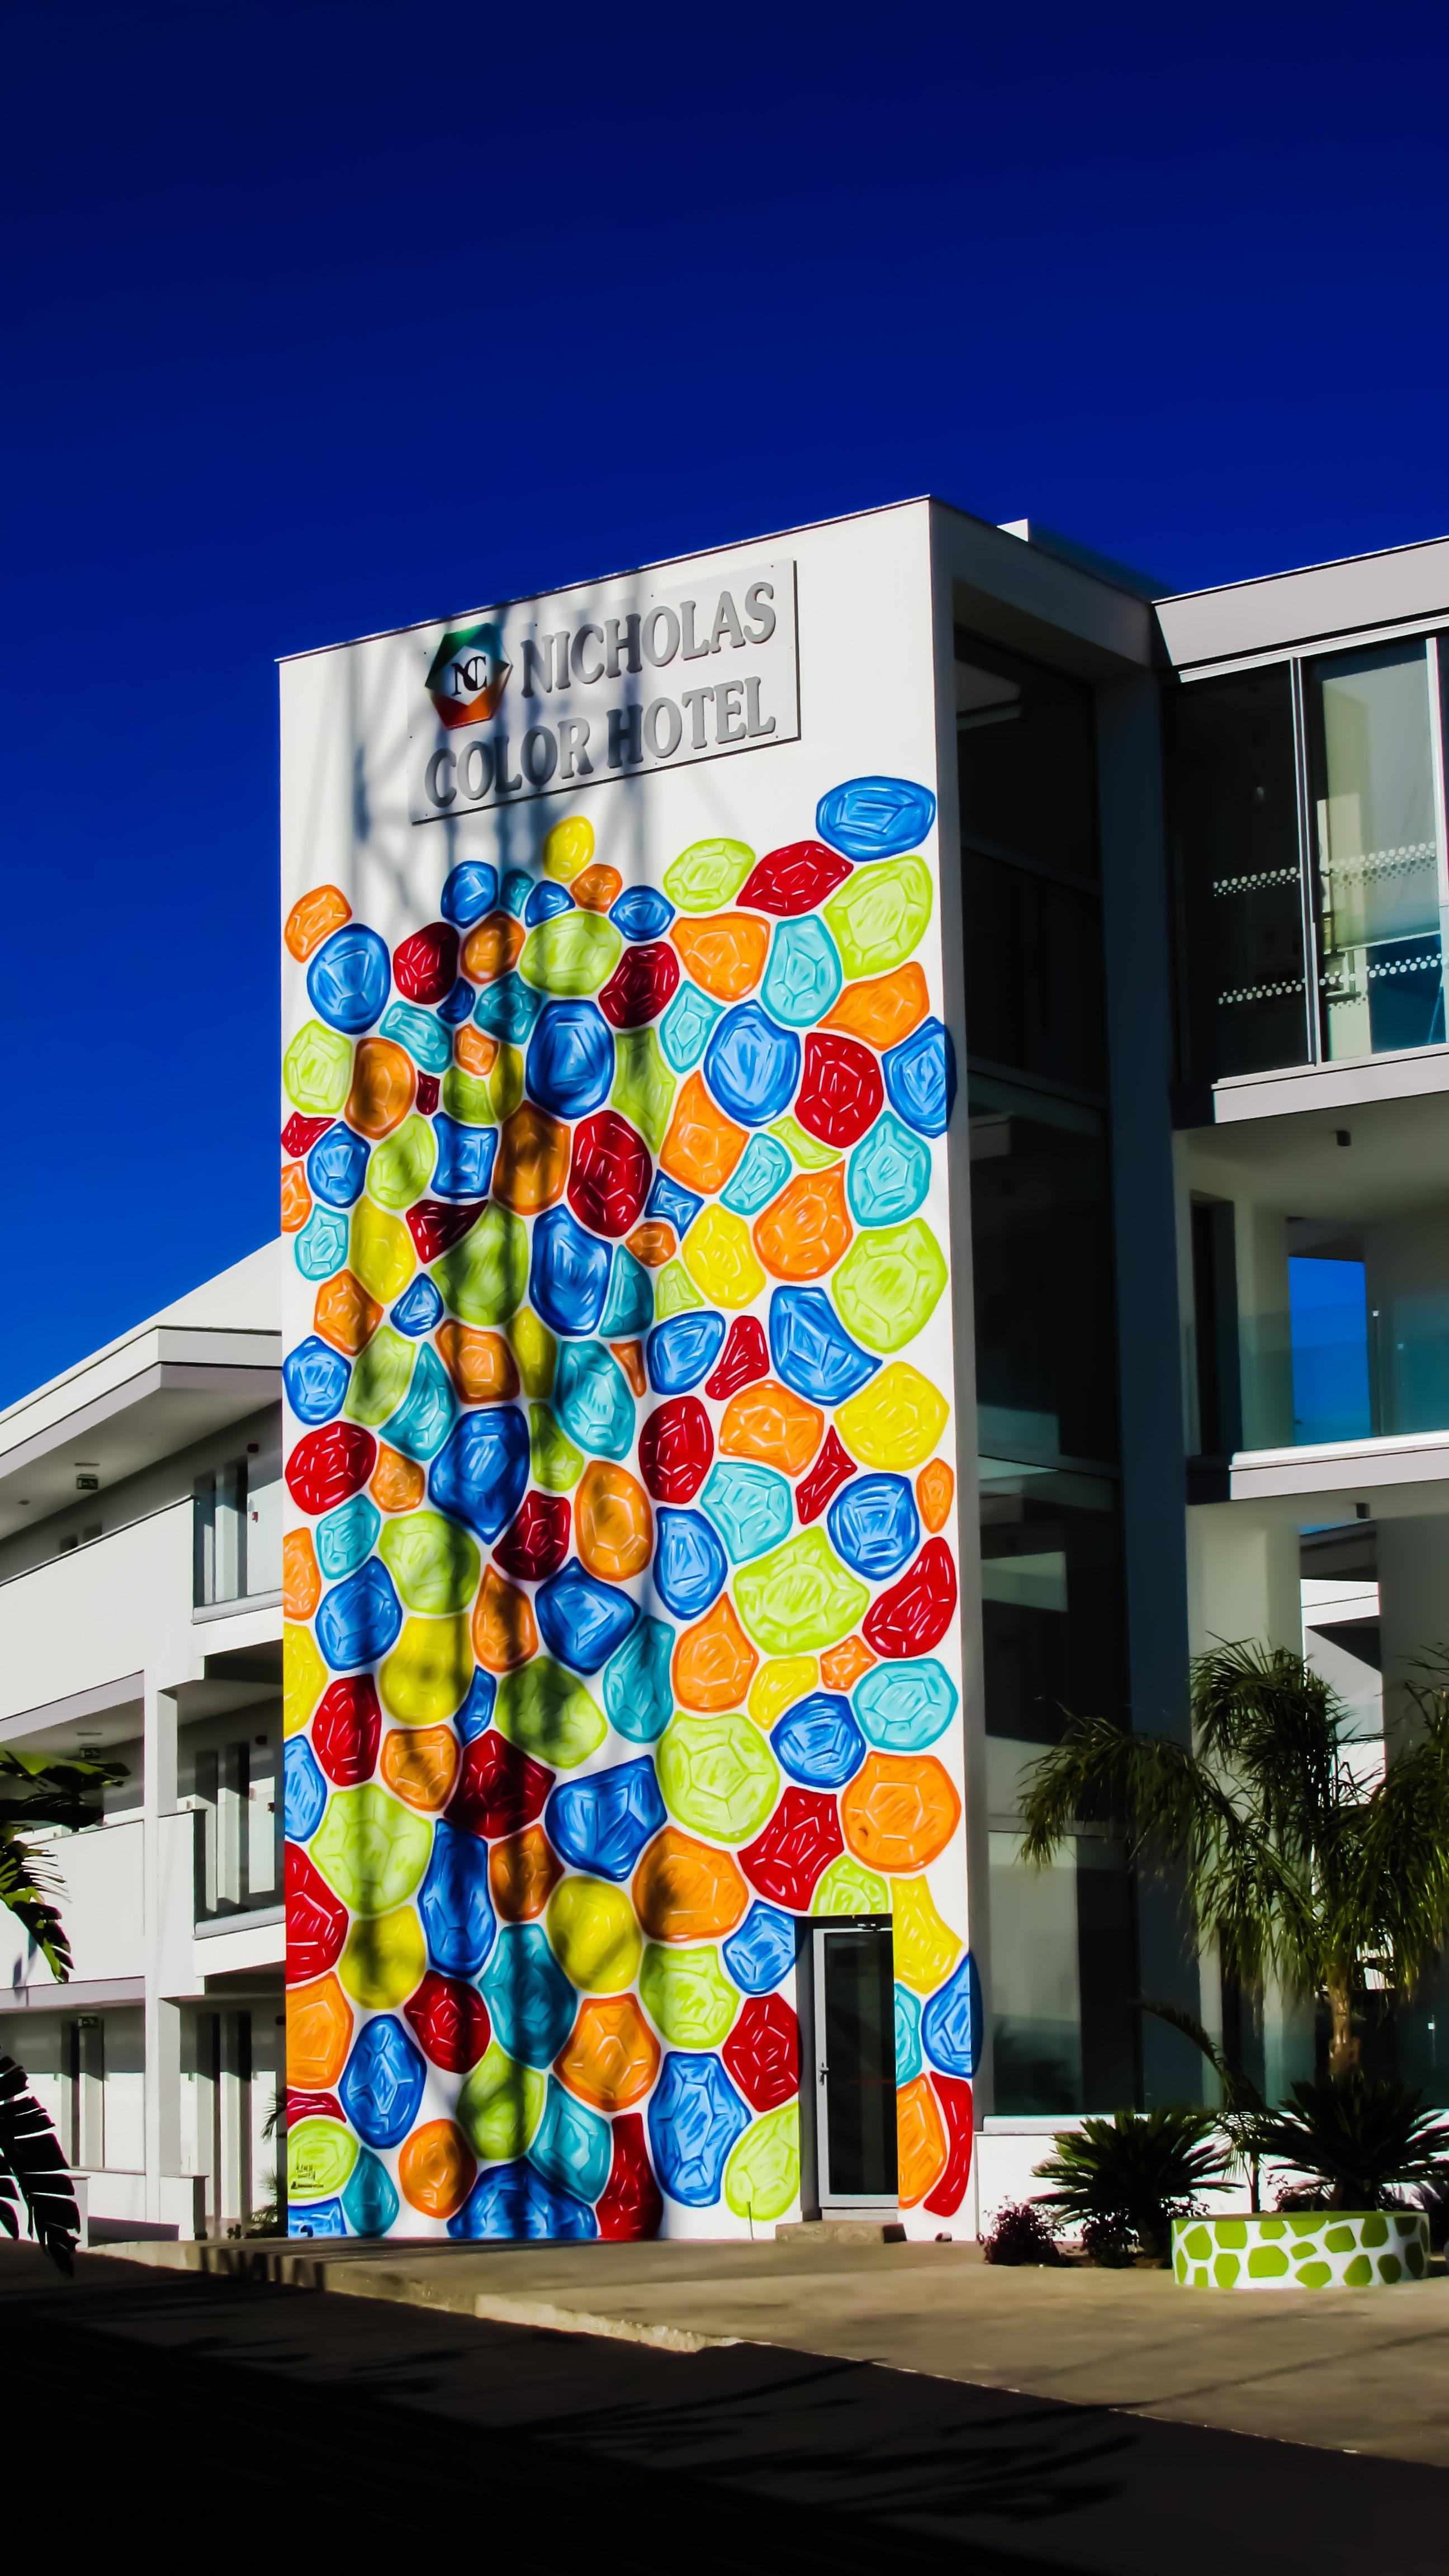 Architecture mur la publicité couleur façade graffiti signalisation moderne design dintérieur art conception un